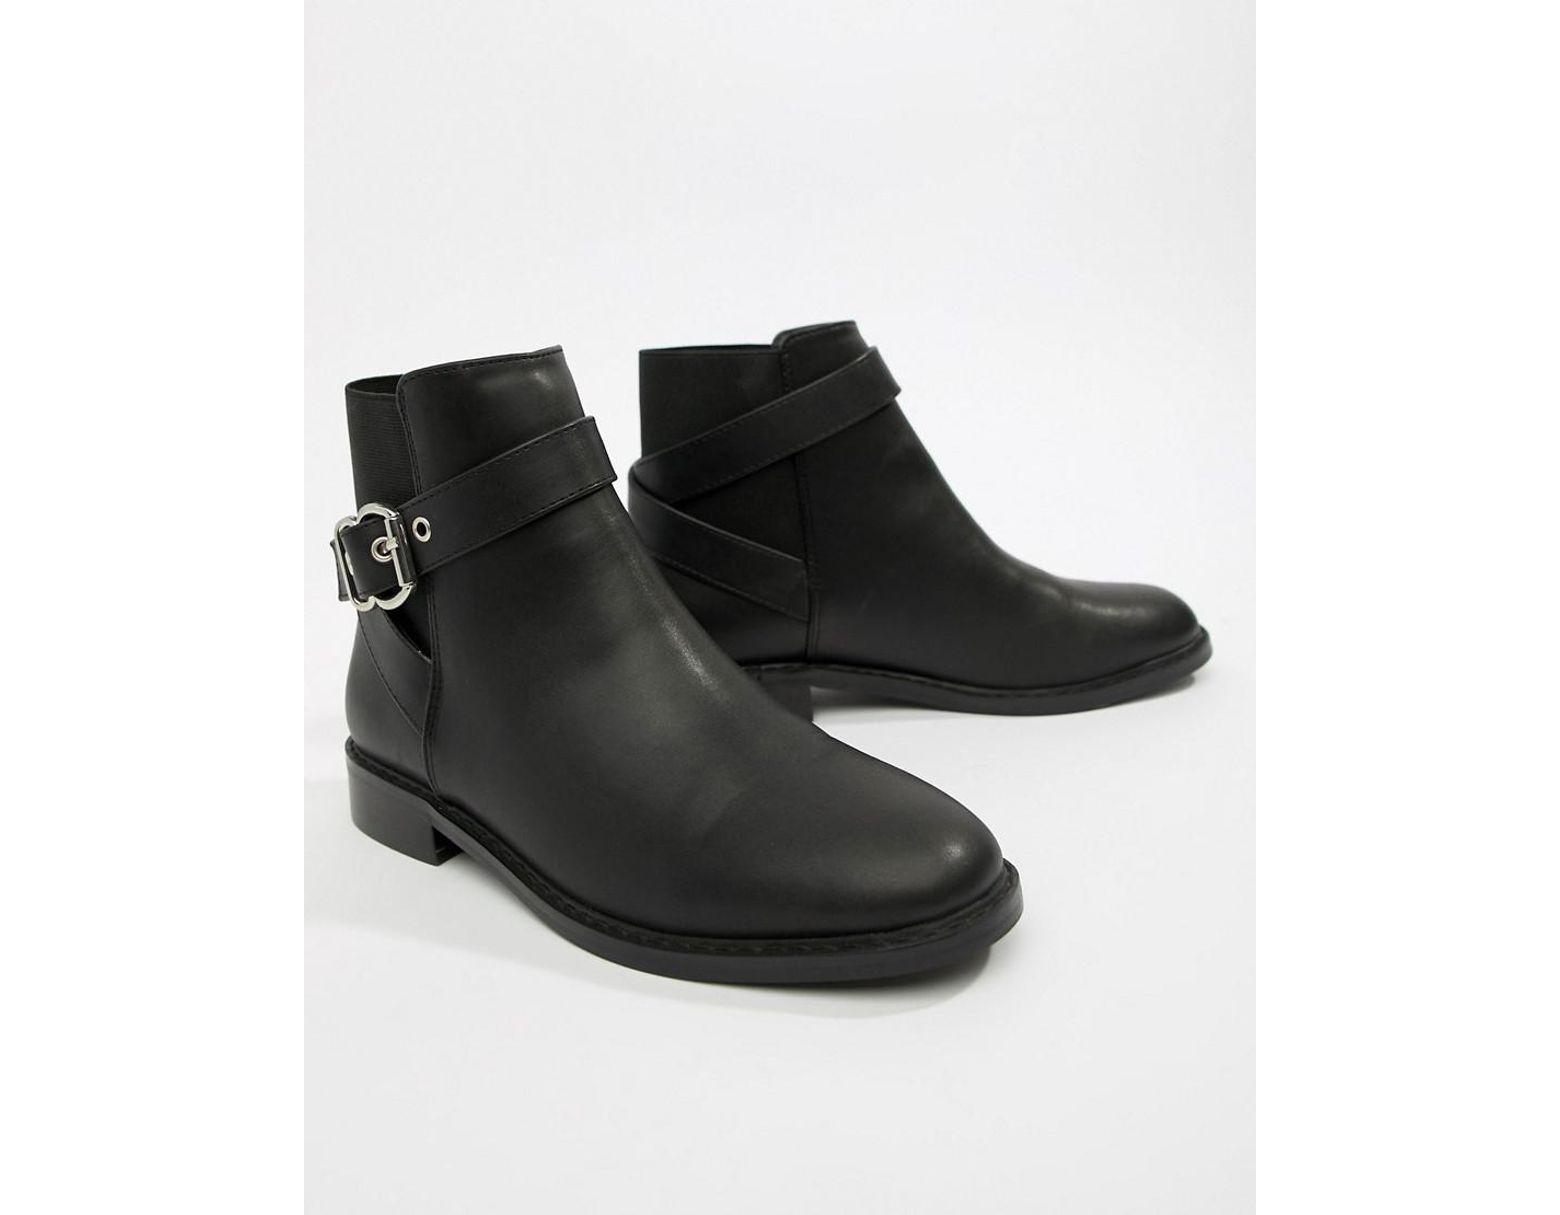 f193676d0d0 Women's Black Abena Buckle Ankle Boots